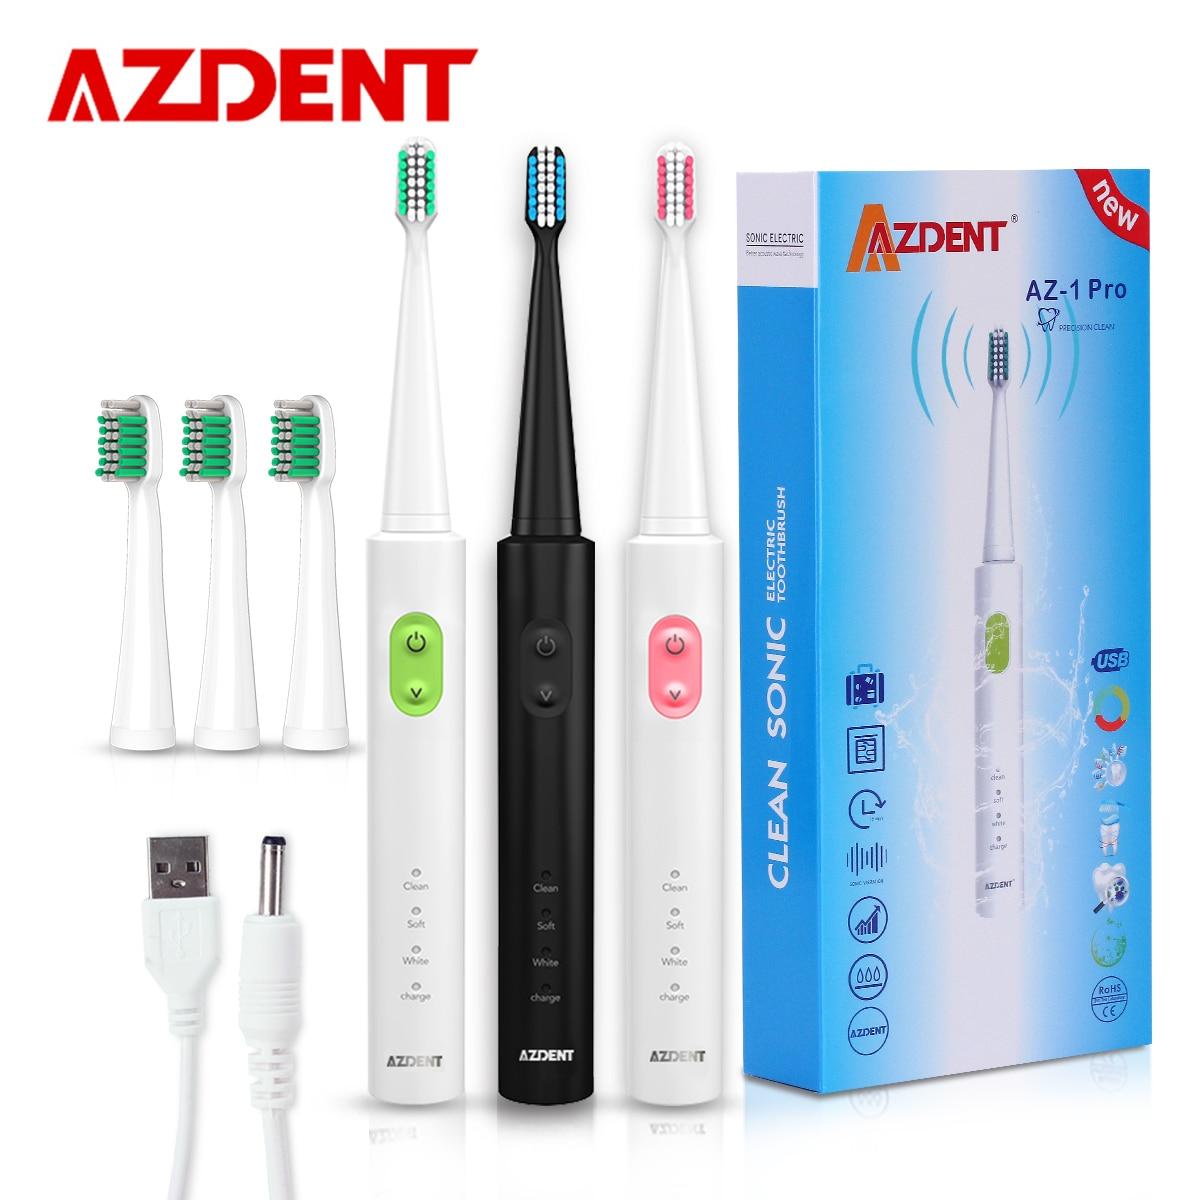 Azdent nuevo az-1 pro sonora Cepillos de dientes eléctricos recargable USB carga 4 unids cabezas reemplazables temporizador dientes Cepillos impermeable